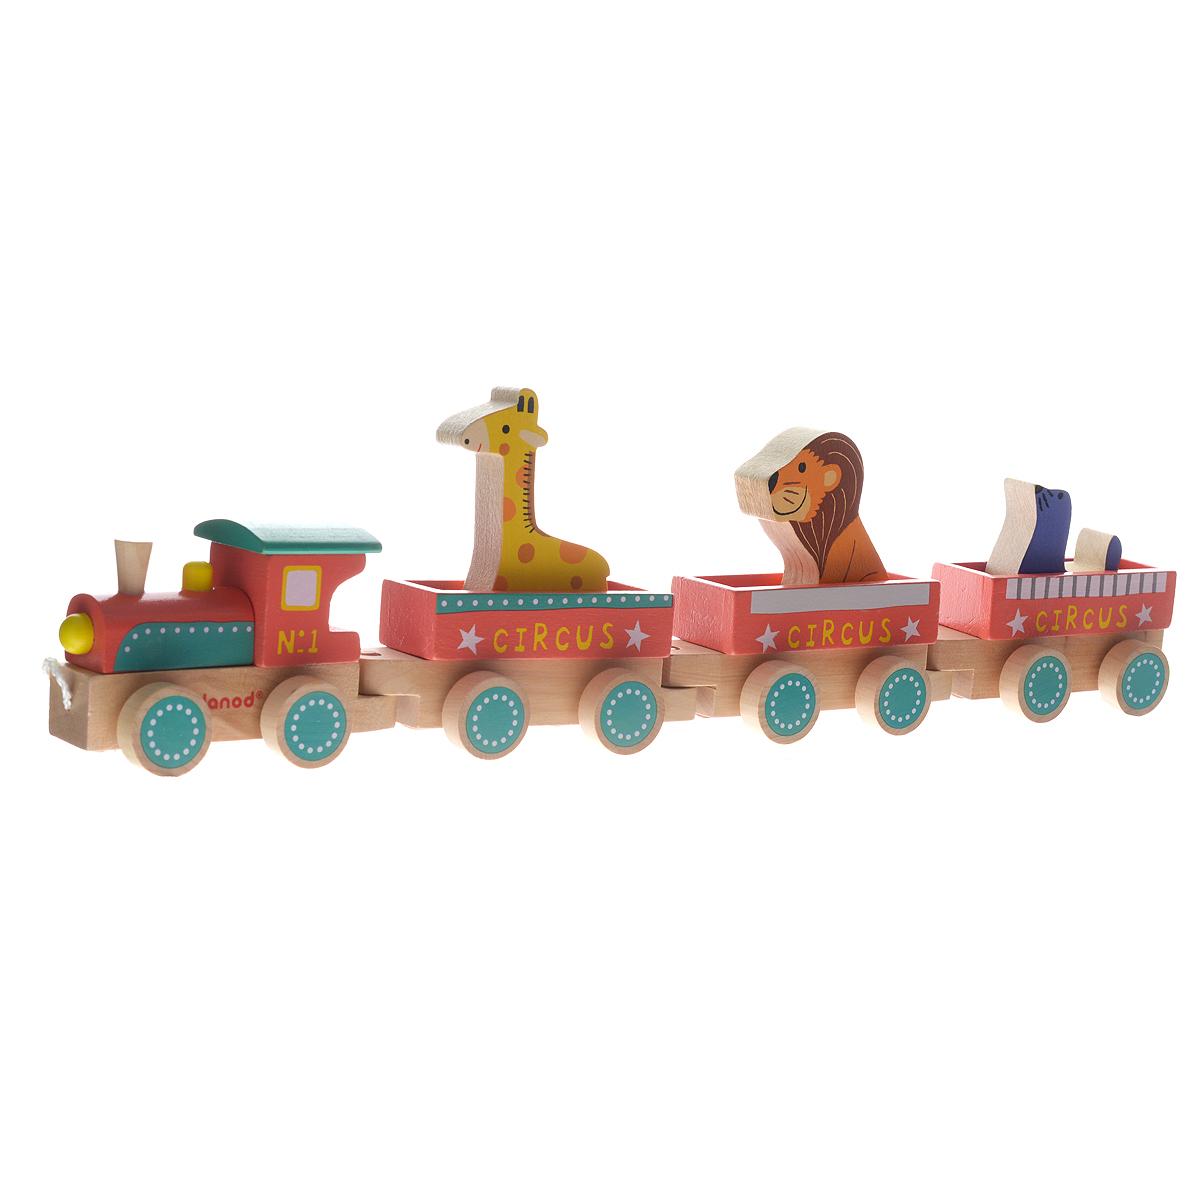 Деревянная каталка Janod Поезд ЦиркJ08537Кто сказал, что поезд может ехать только по рельсам? А если маленькому машинисту нужно доставить своих друзей-зверюшек в другую комнату или покатать по детской площадке? Для этого подойдет каталка на веревочке Janod Поезд Цирк. В комплект входят паровозик-локомотив, три вагончика и фигурки в виде льва, тюленя и жирафа. Элементы выполнены из натурального дерева с использованием нетоксичных красок. Паровозик и три вагончика имеют основание цвета натурального дерева с двумя колесными парами. Соединяются они по принципу шип-паз и поэтому успешно маневрируют. Паровозик раскрашен в яркие цвета; в вагоны можно посадить входящие в комплект фигурки или небольшие игрушки. За текстильный шнурок малыш сможет возить паровозик за собой. Во время игры ребенок познакомится с основными цветами, научится различать фигуры, форму и цвет, тренировать логическое мышление и мелкую моторику пальчиков рук.